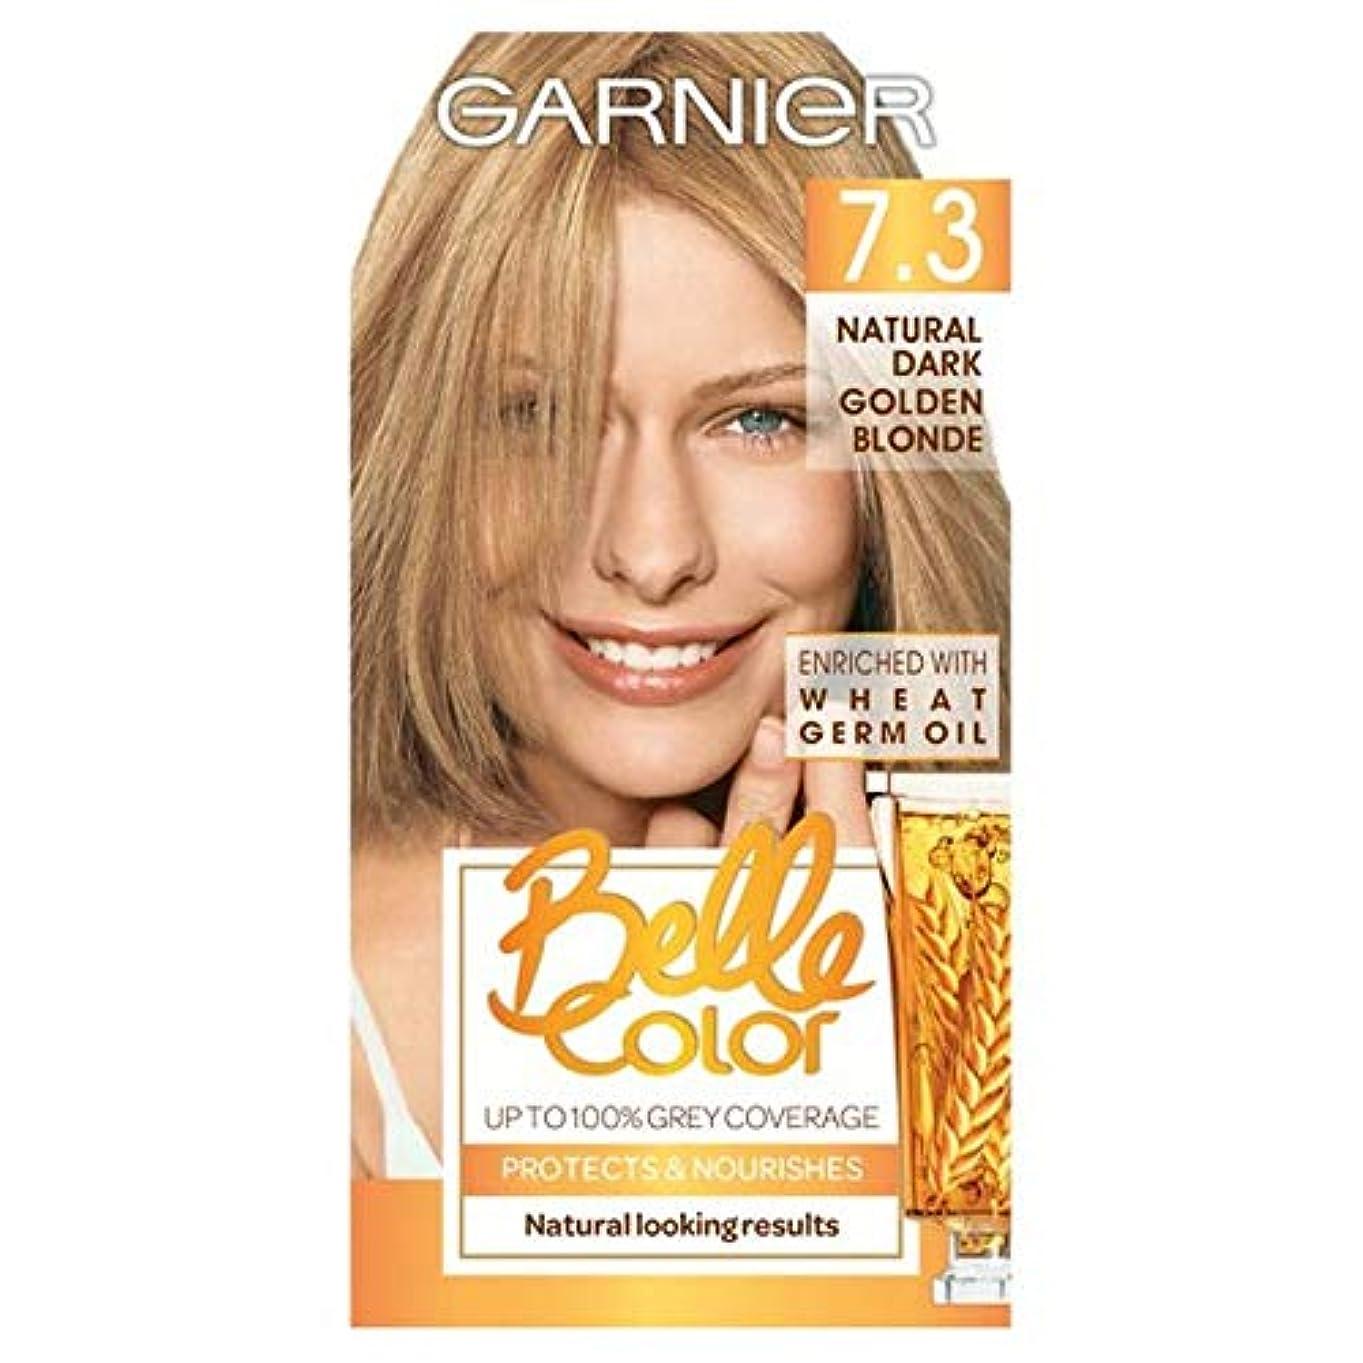 特派員寝てる復活させる[Belle Color] ガルニエベルカラー7.3暗い金色のブロンド - Garnier Belle Color 7.3 Dark Golden Blonde [並行輸入品]